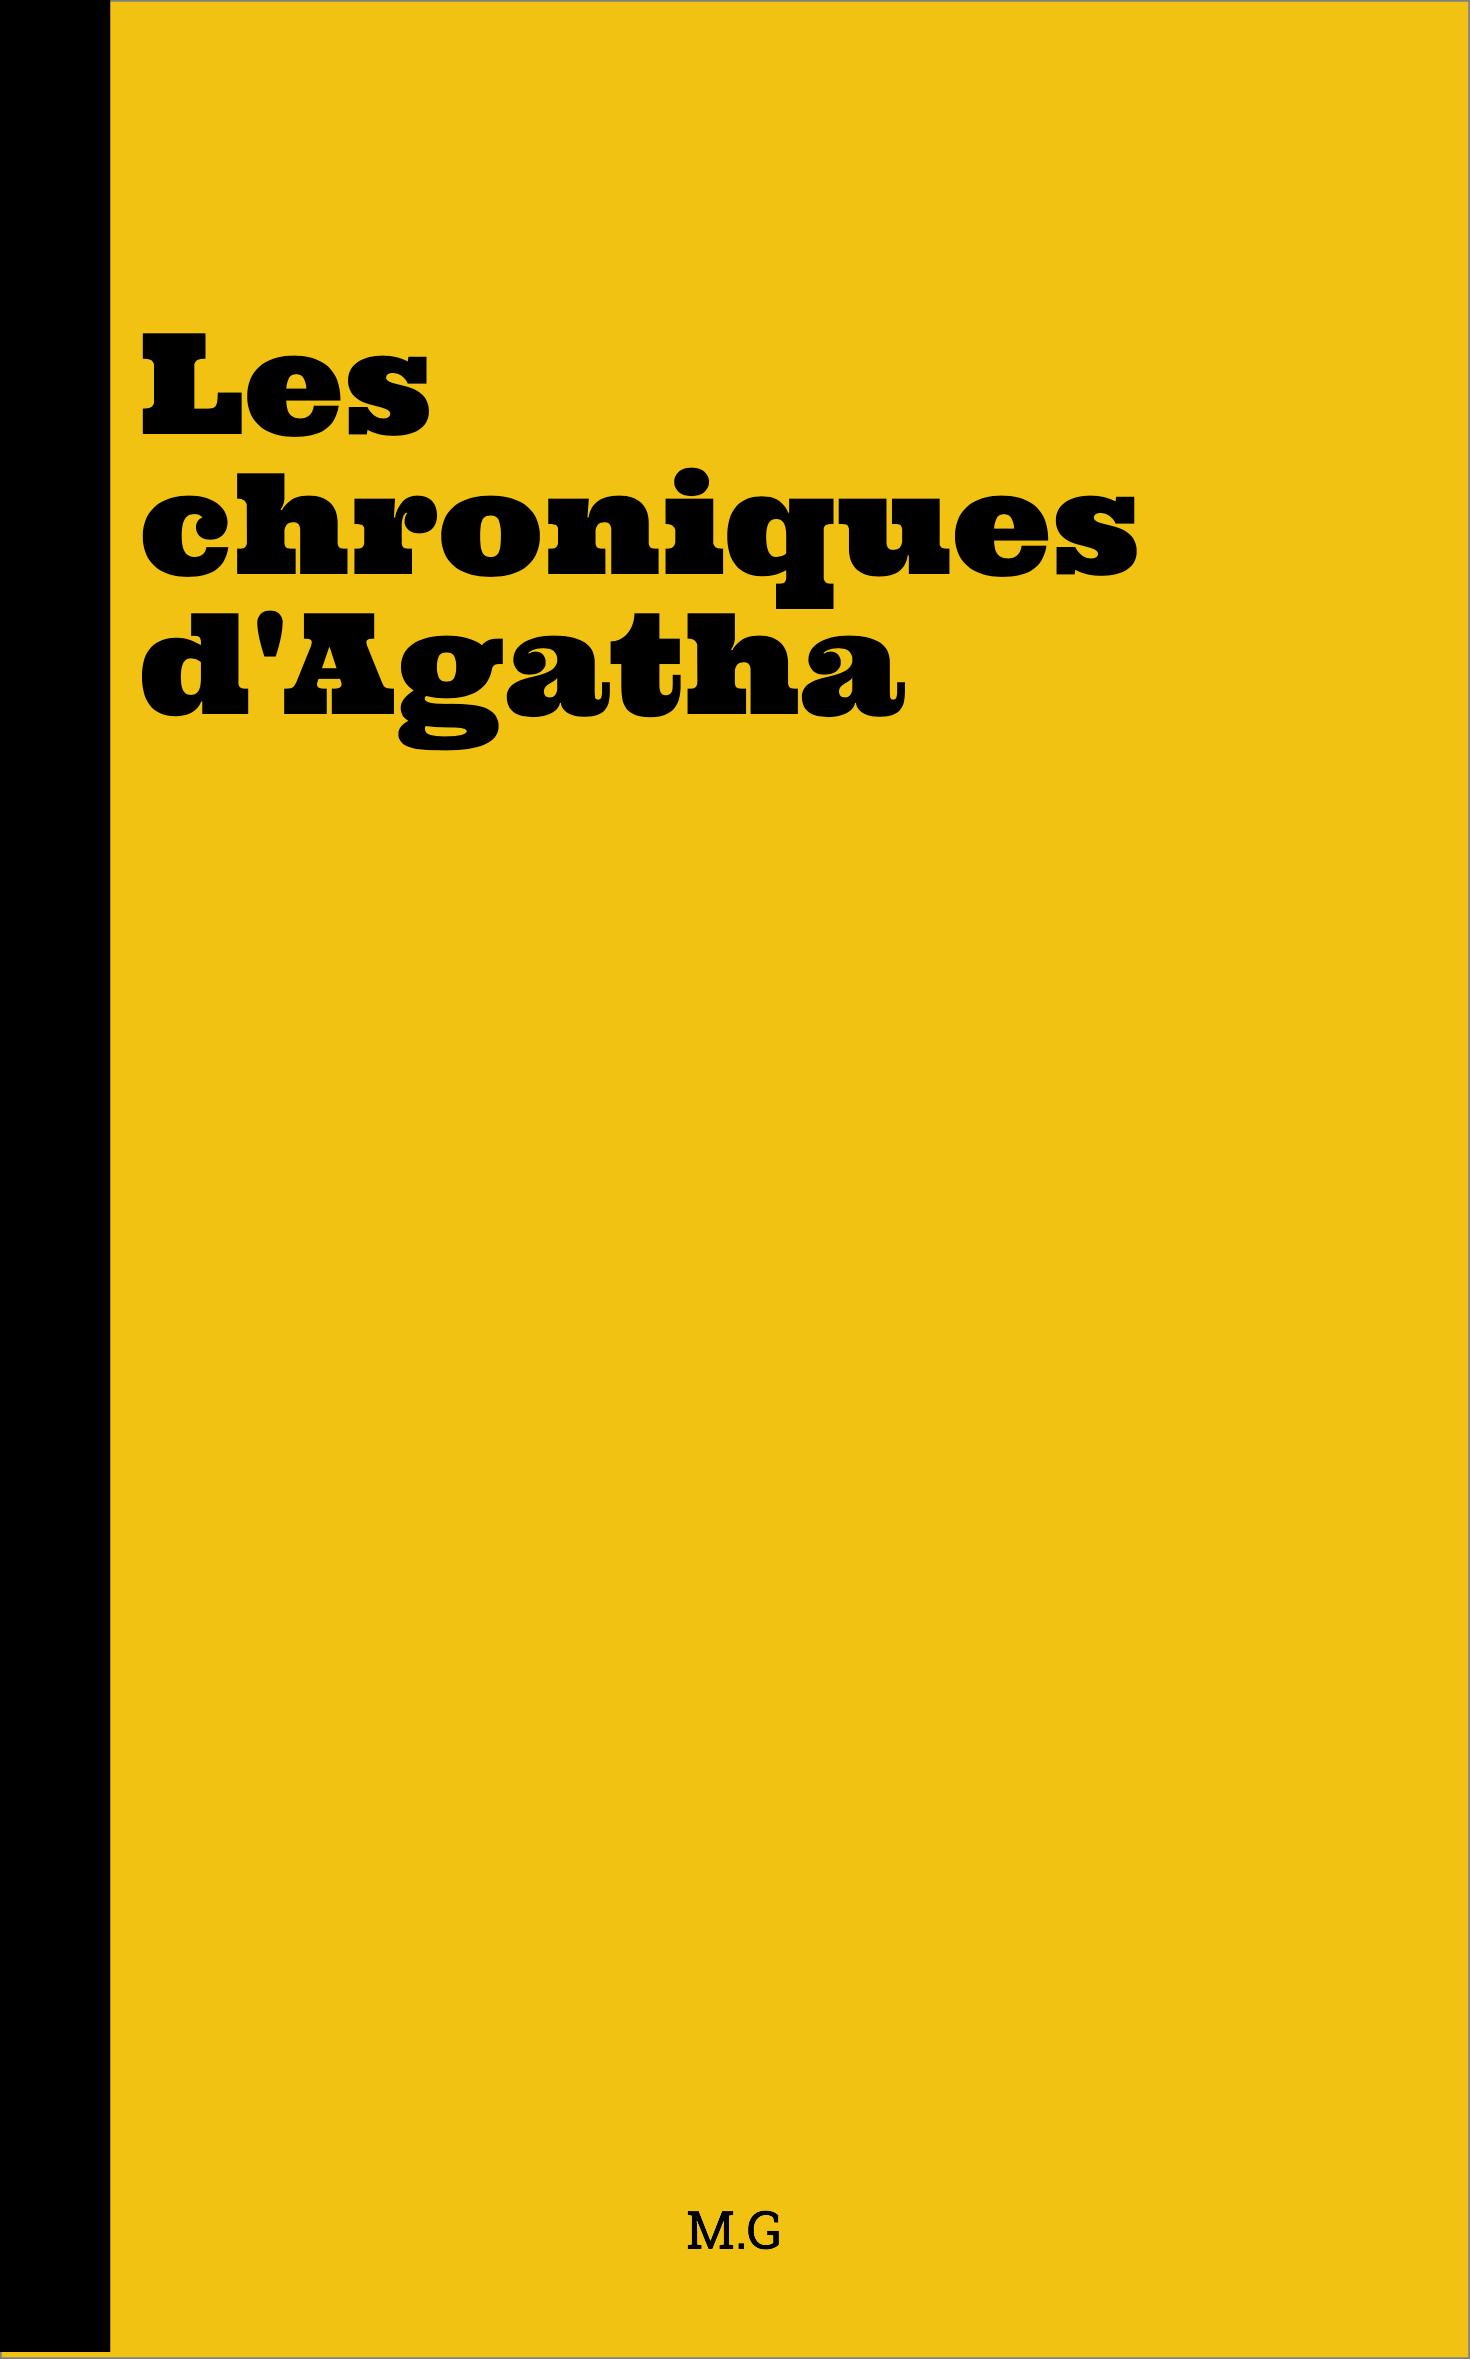 Les chroniques d'Agatha